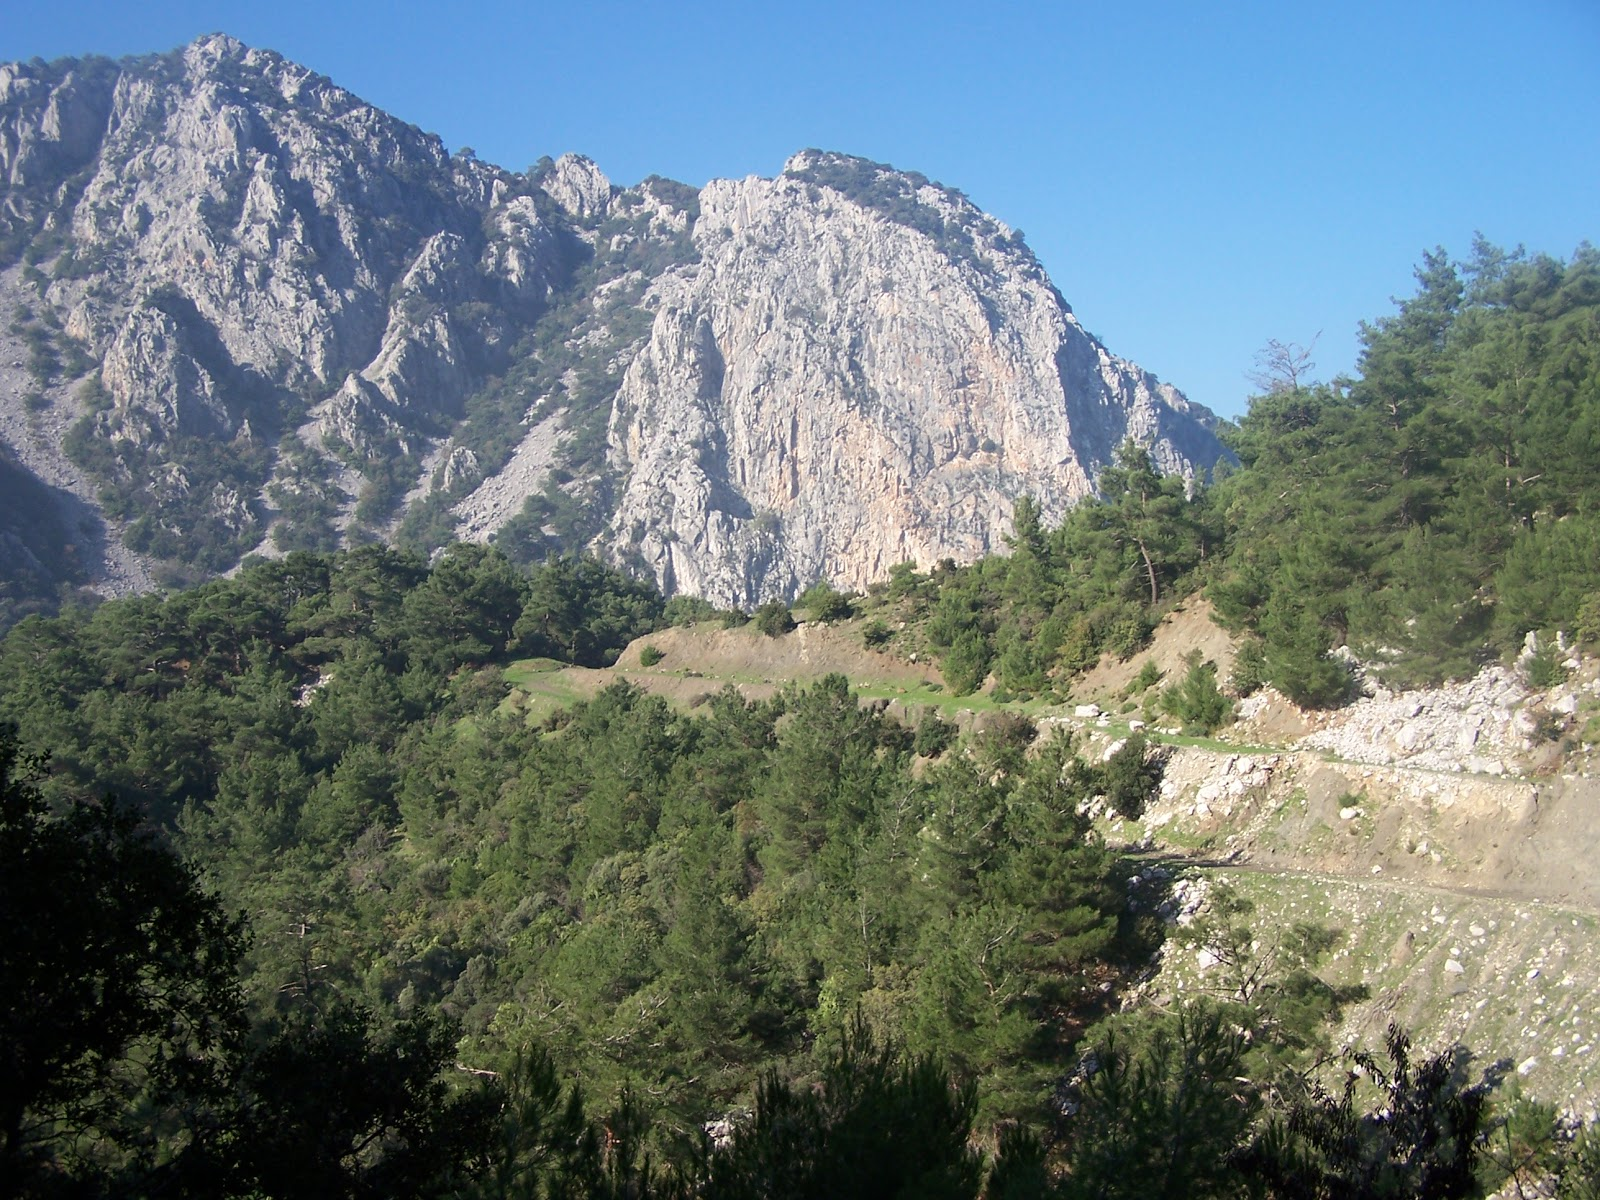 Ataların doğal mirasının bir parçası olarak Kafkas dağları